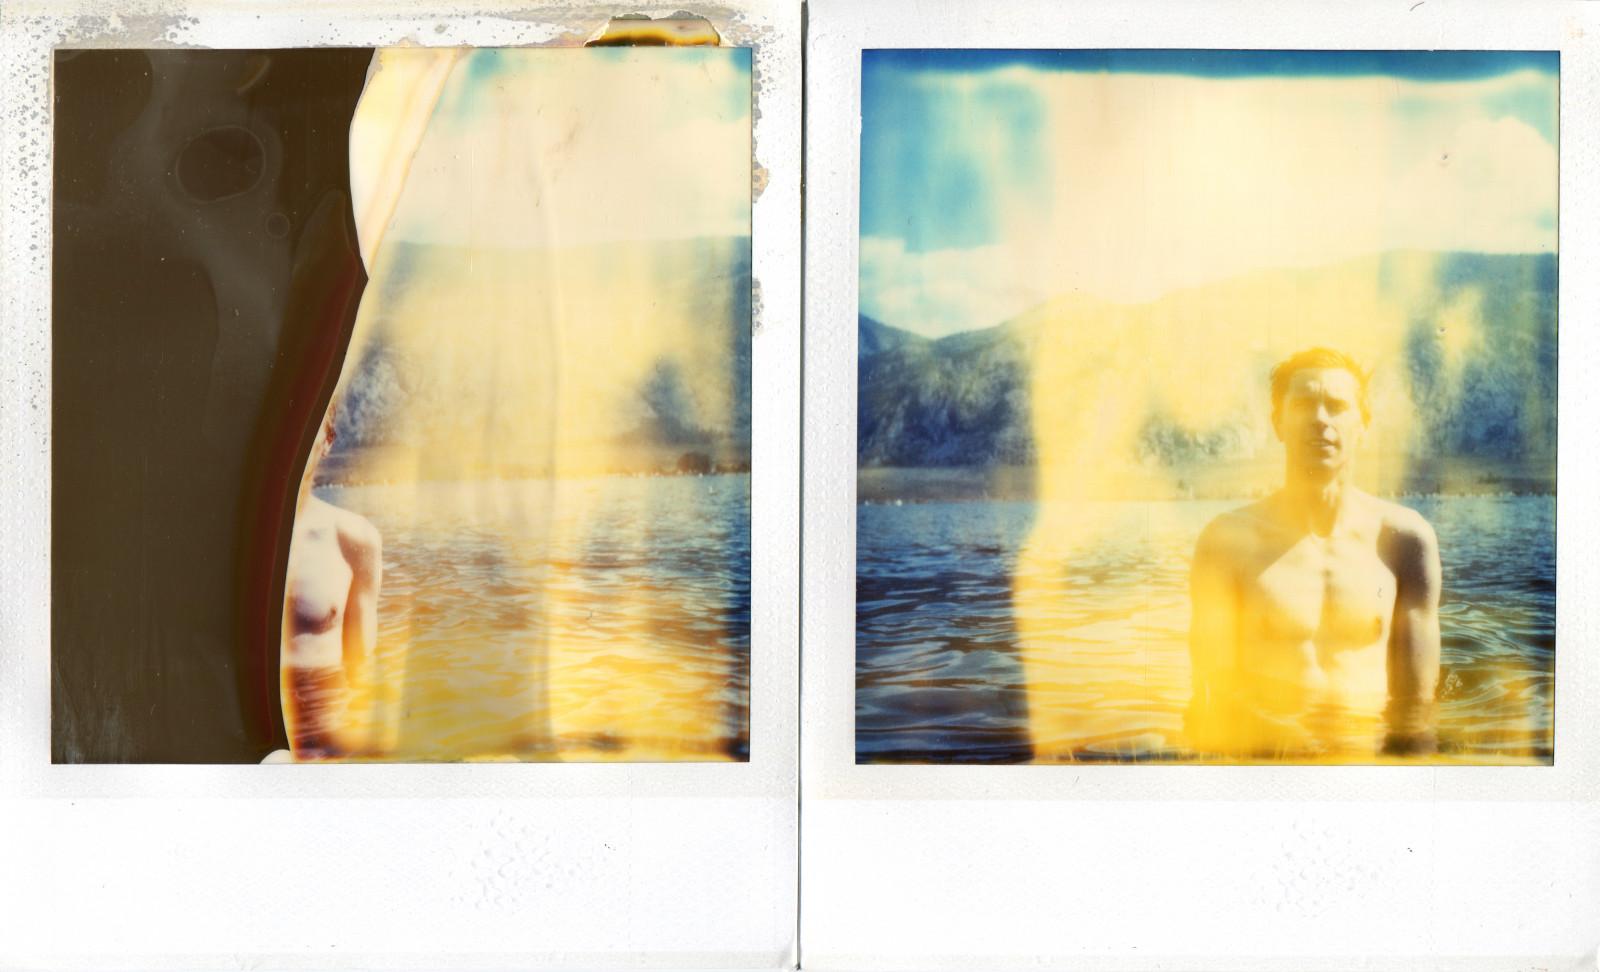 Hintergrundbilder : Malerei, See, Natur, Kunstwerk, Gelb, Kamera ...